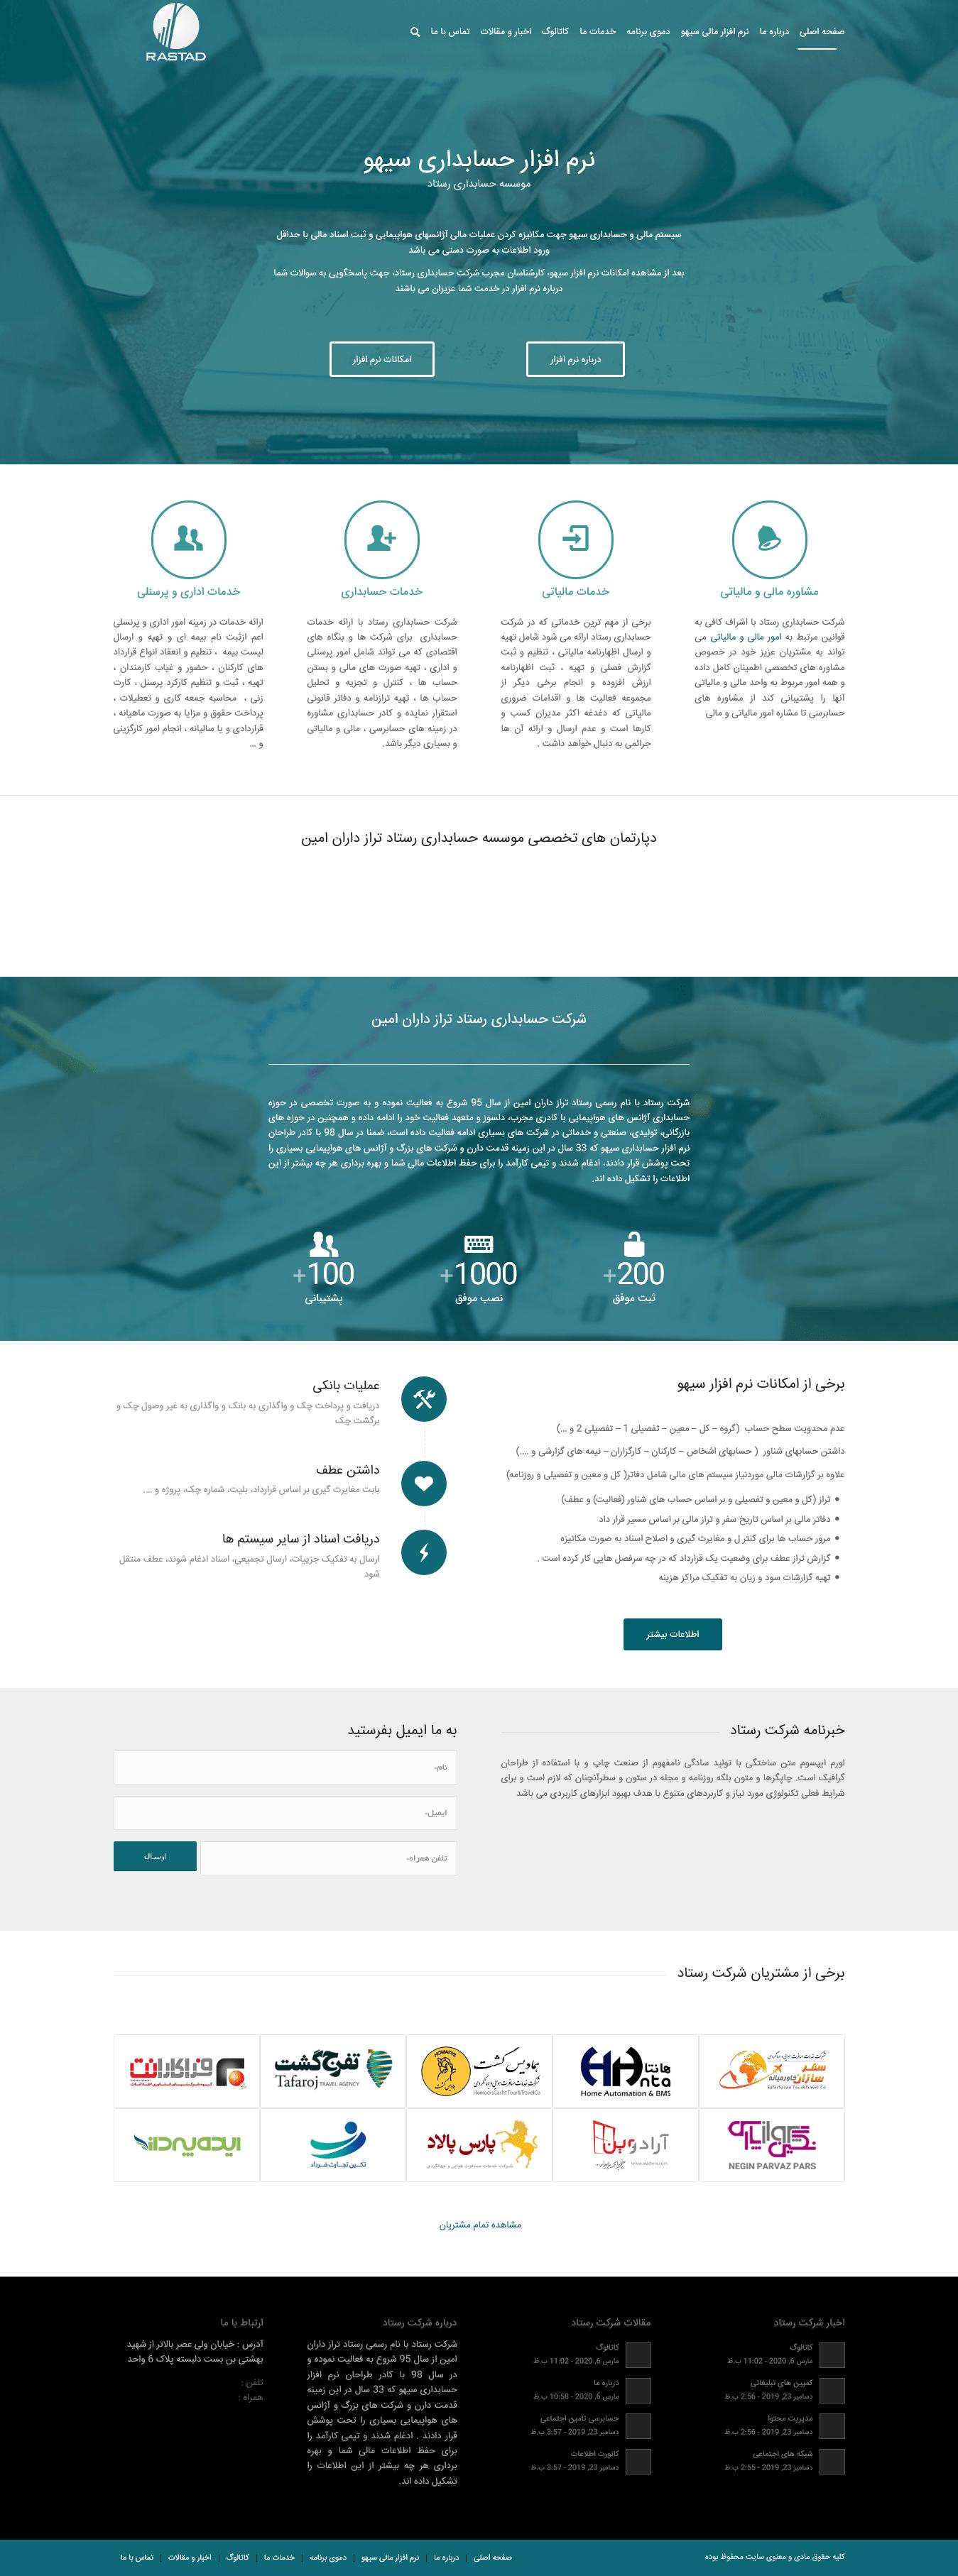 موسسه مالی و حسابداری رستاد